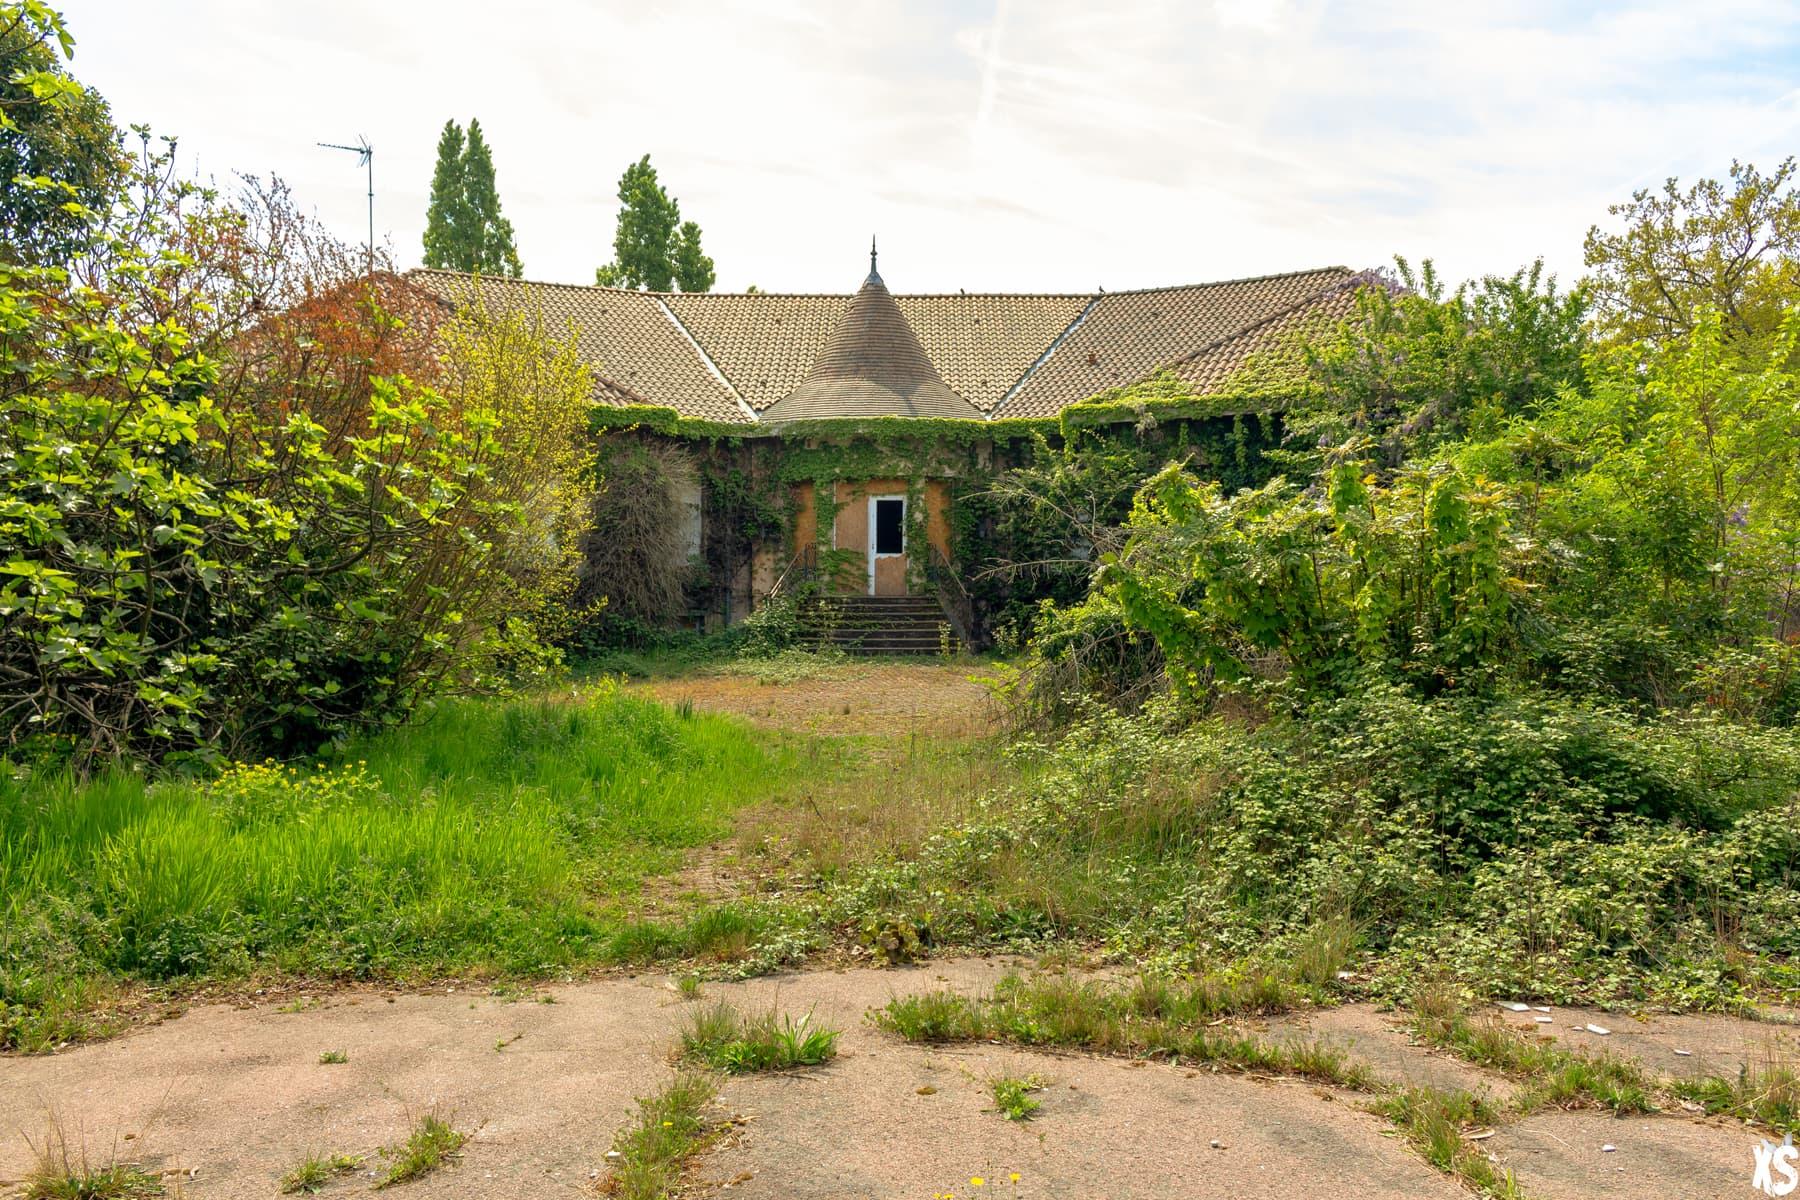 Maison de retraite abandonnée située à Gradignan en Gironde | urbexsession.com/maison-retraite-andrei-tchikatilo | Urbex France Gironde